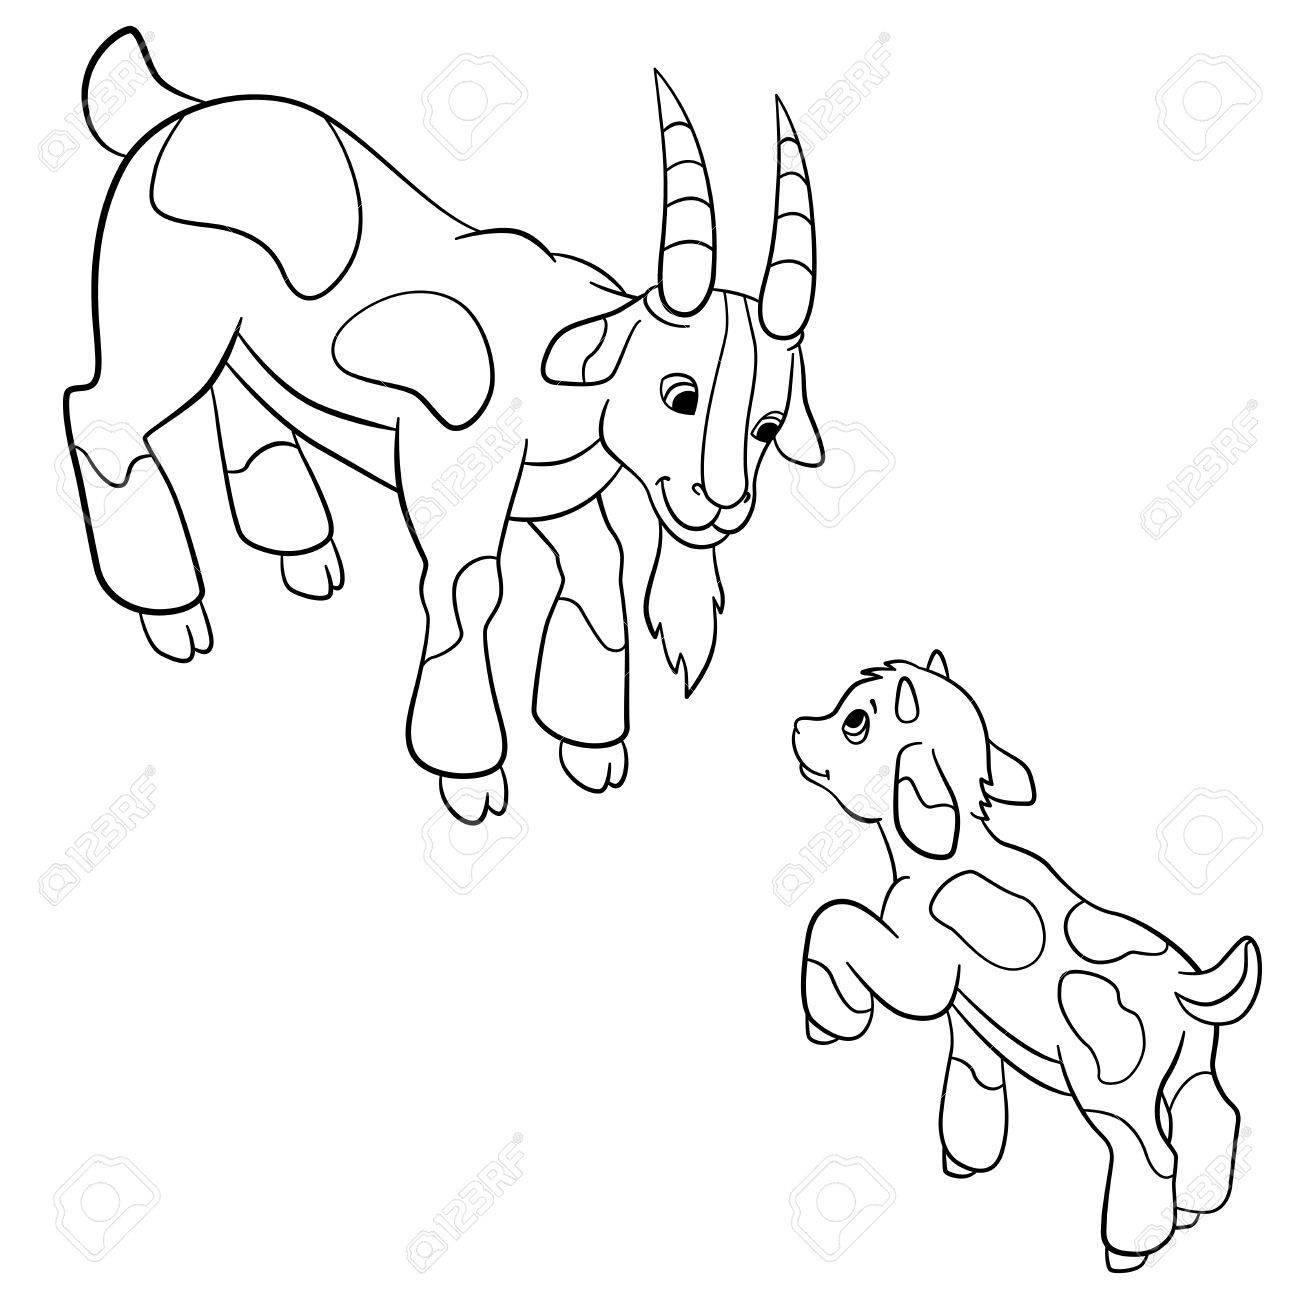 Páginas Para Colorear. Animales De Granja. Padre De Cabra Mira A Su ...